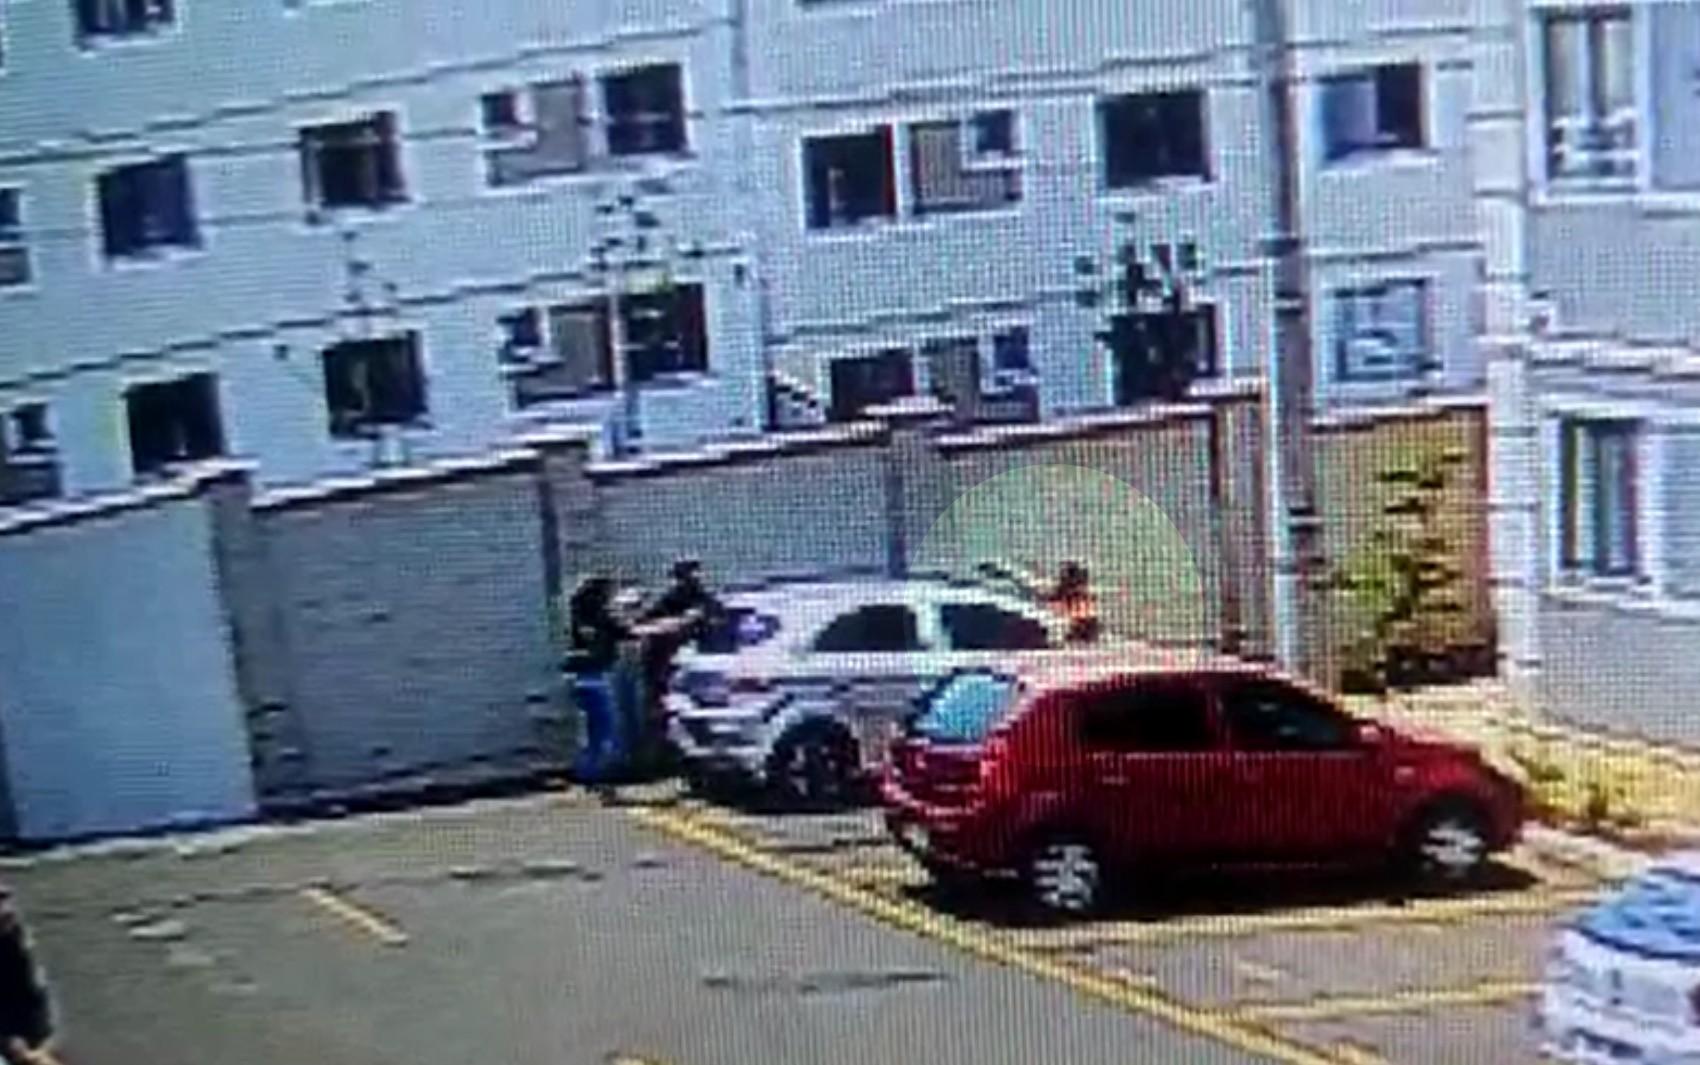 Homem é preso suspeito de tentar matar três pessoas a tiros após briga de trânsito em Valparaíso de Goiás; vídeo